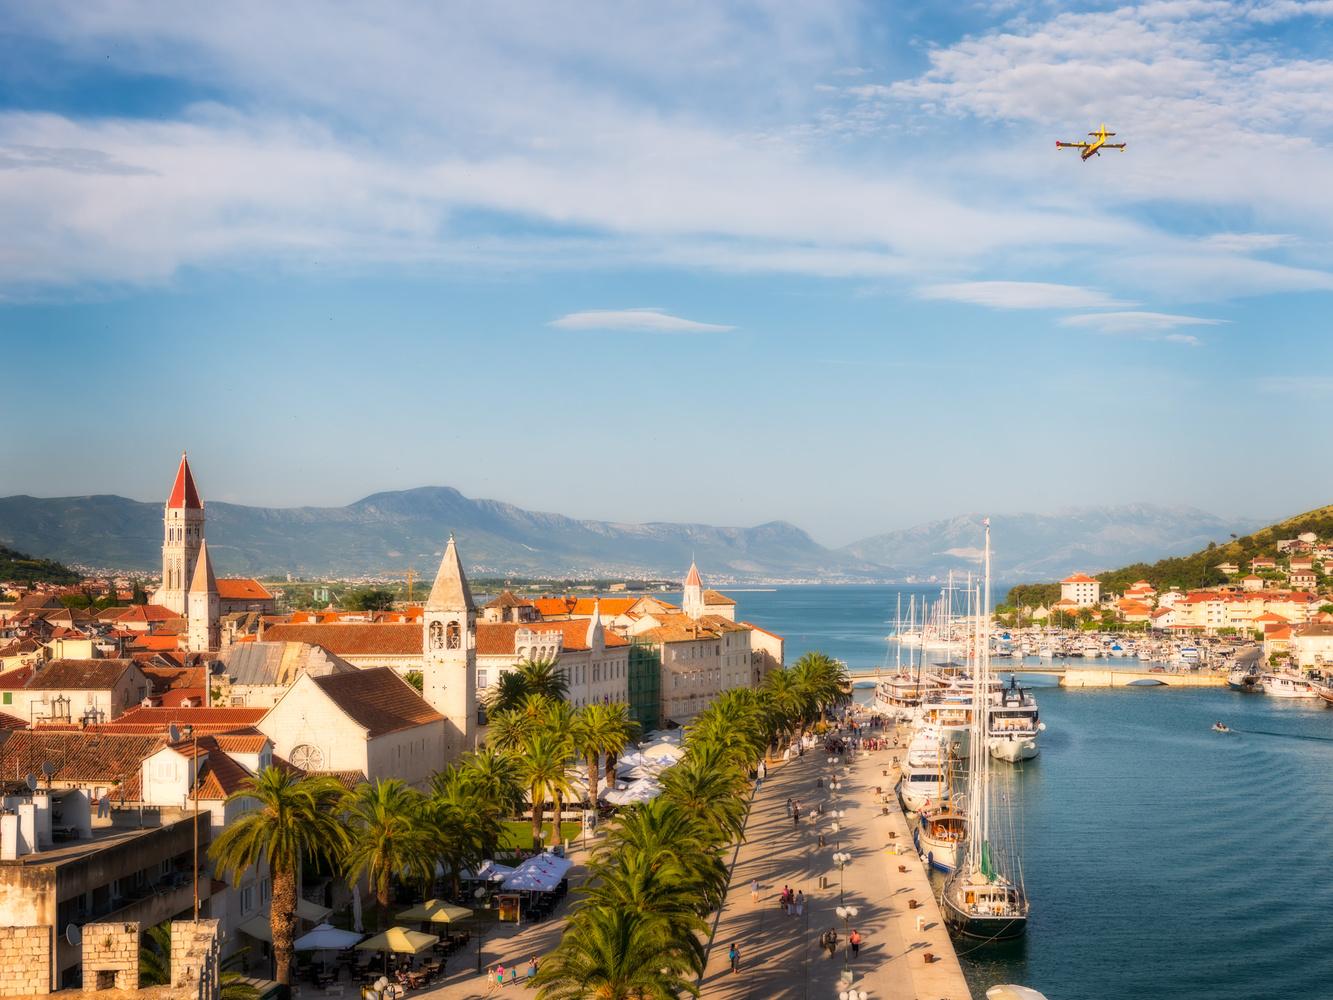 Trogir history | Trogir, Croatia by Nico Trinkhaus